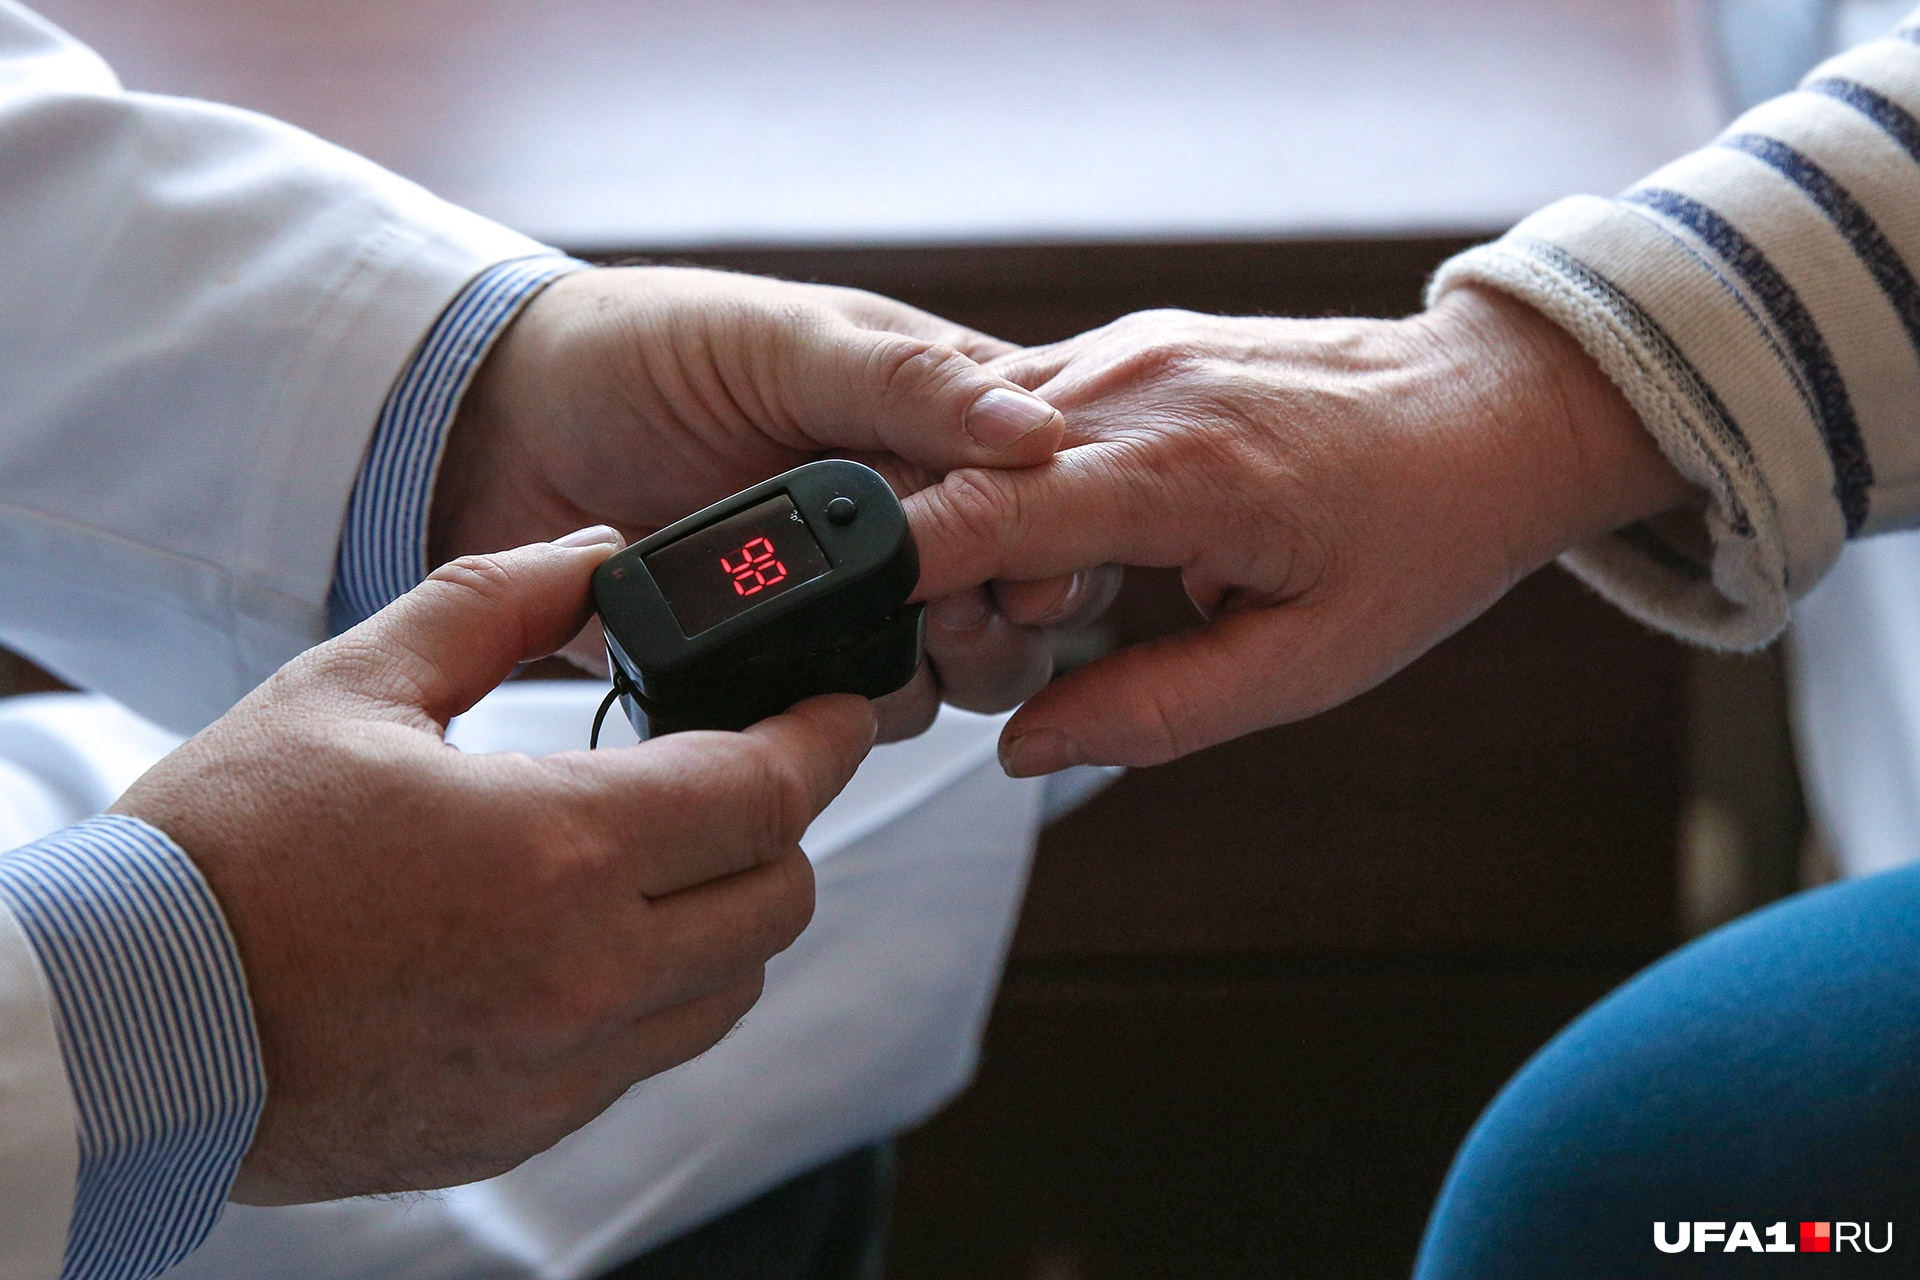 Эксперту частота пульса у пациента тоже может о многом рассказать